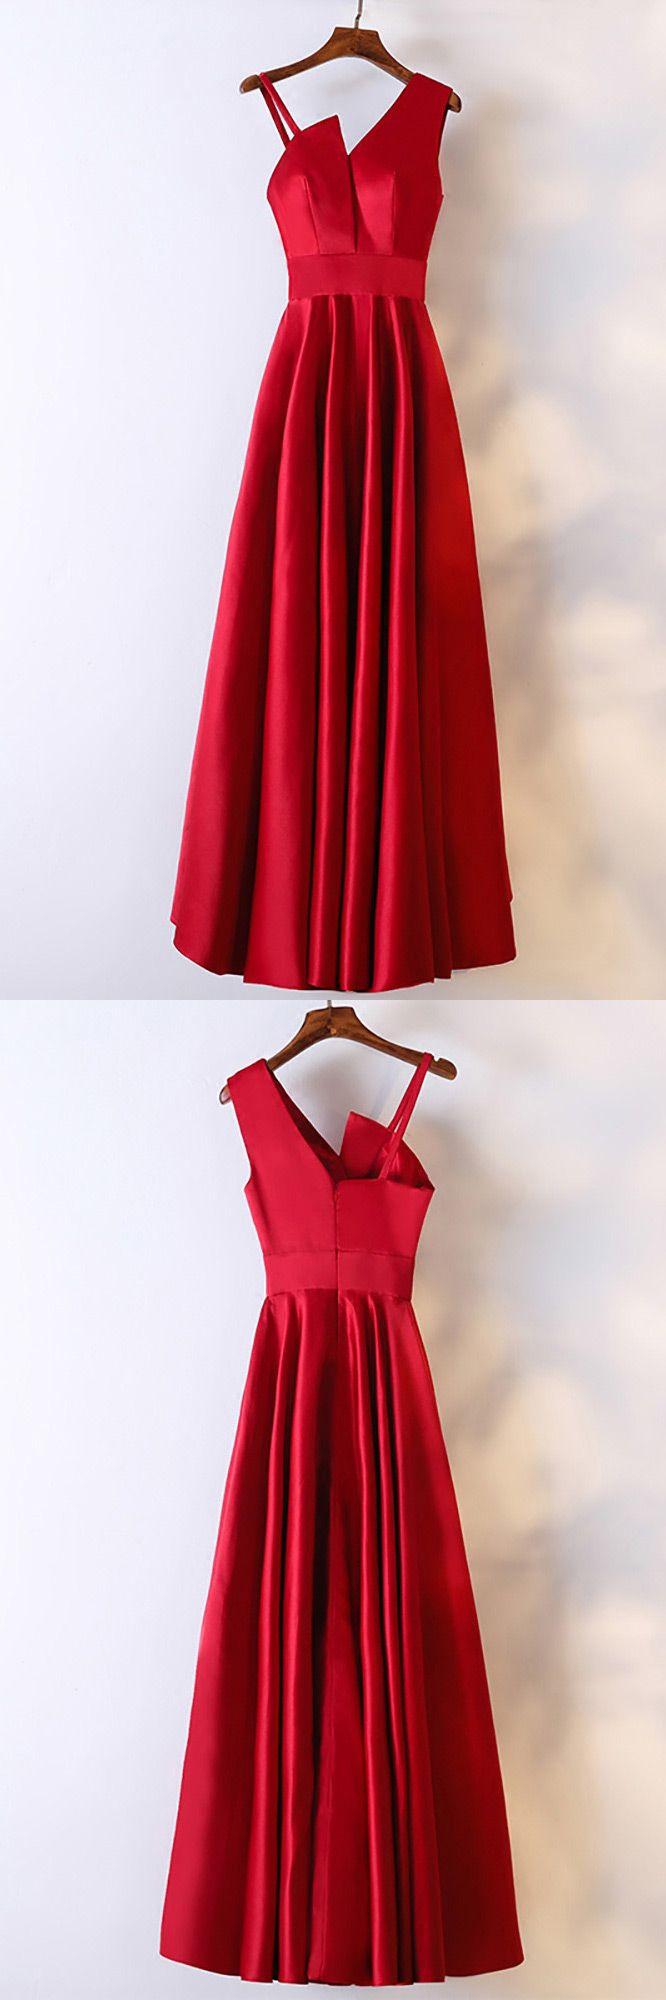 Edles Satin Burgund langes formelles Kleid mit asymmetrischer Schulter # MYX18154 – GemGrace.com